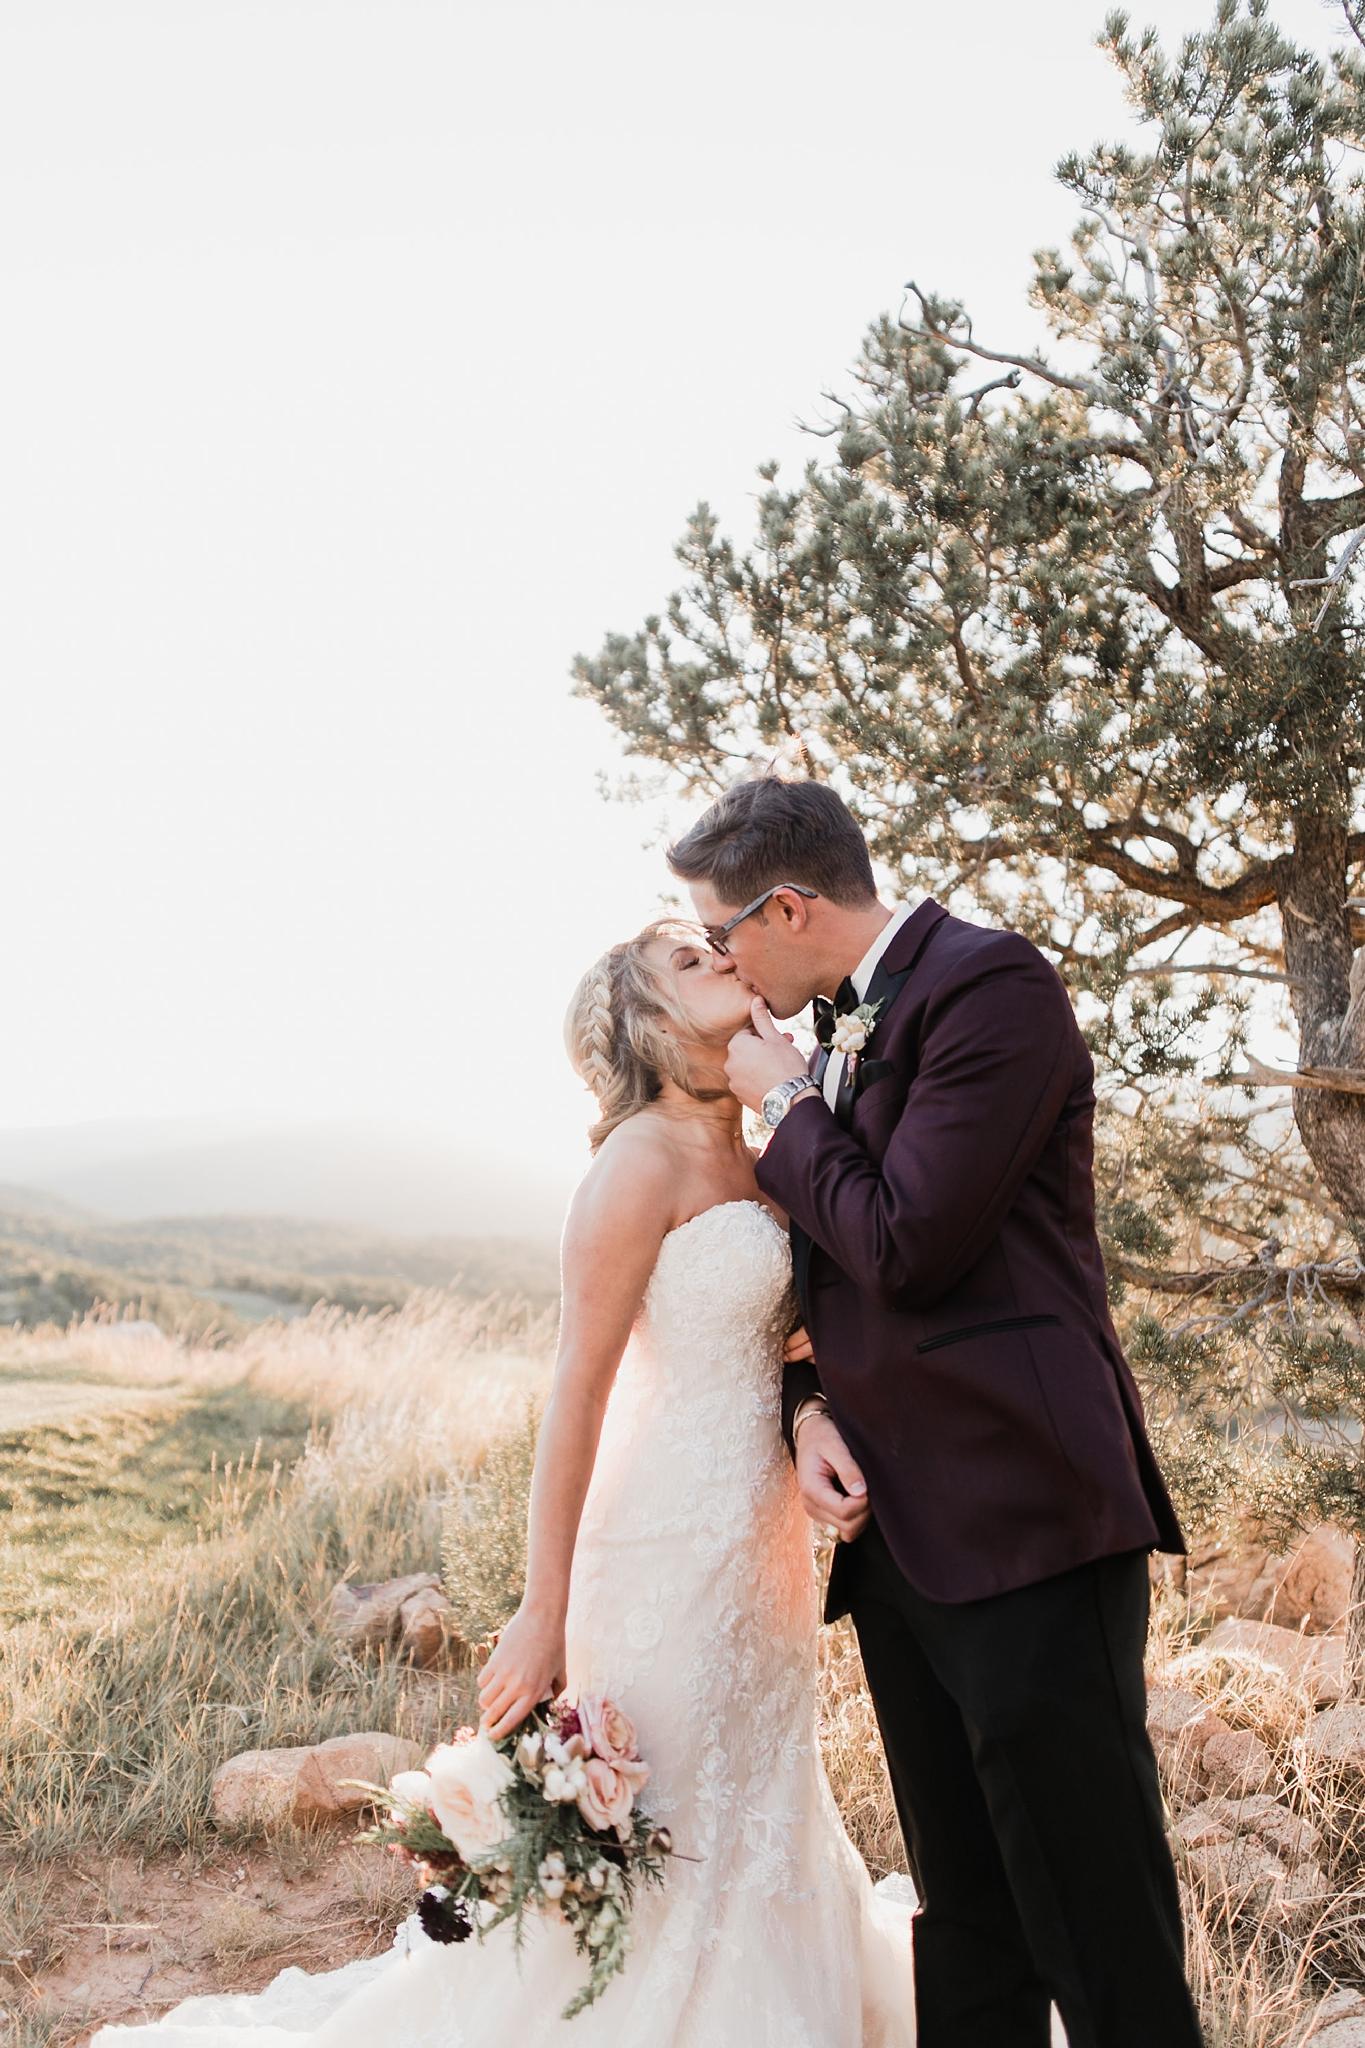 Alicia+lucia+photography+-+albuquerque+wedding+photographer+-+santa+fe+wedding+photography+-+new+mexico+wedding+photographer+-+new+mexico+wedding+-+albuquerque+wedding+-+santa+fe+wedding+-+wedding+romantics_0036.jpg